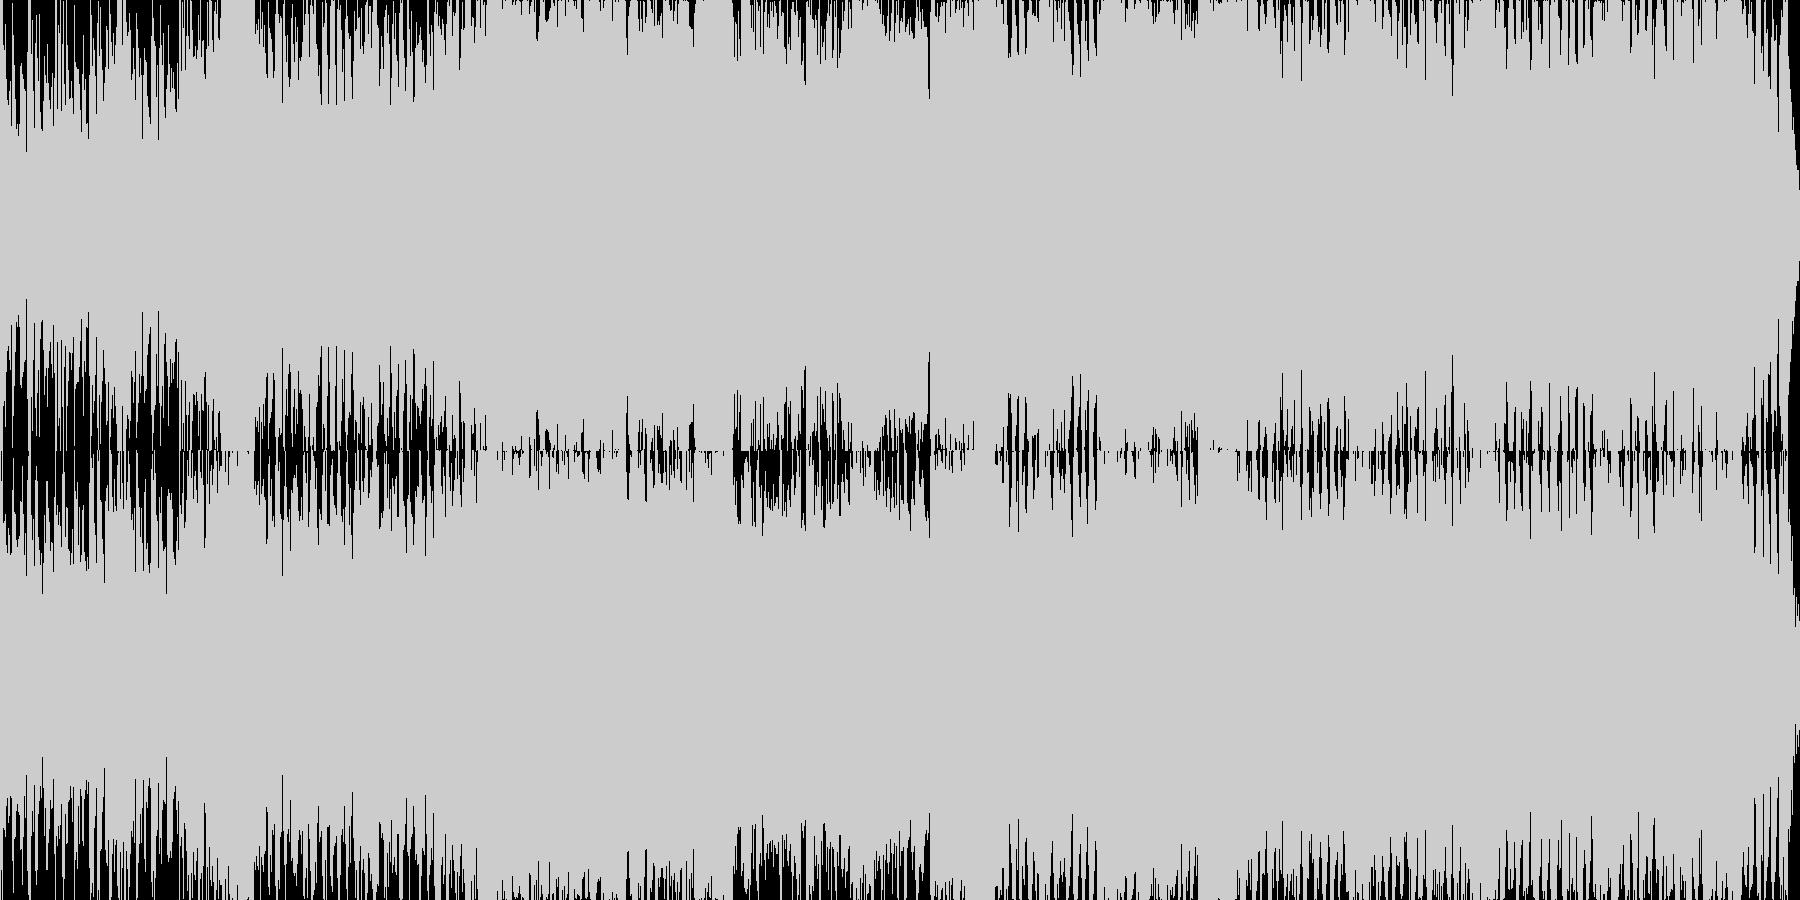 映画・ゲーム用バトルBGM23の未再生の波形